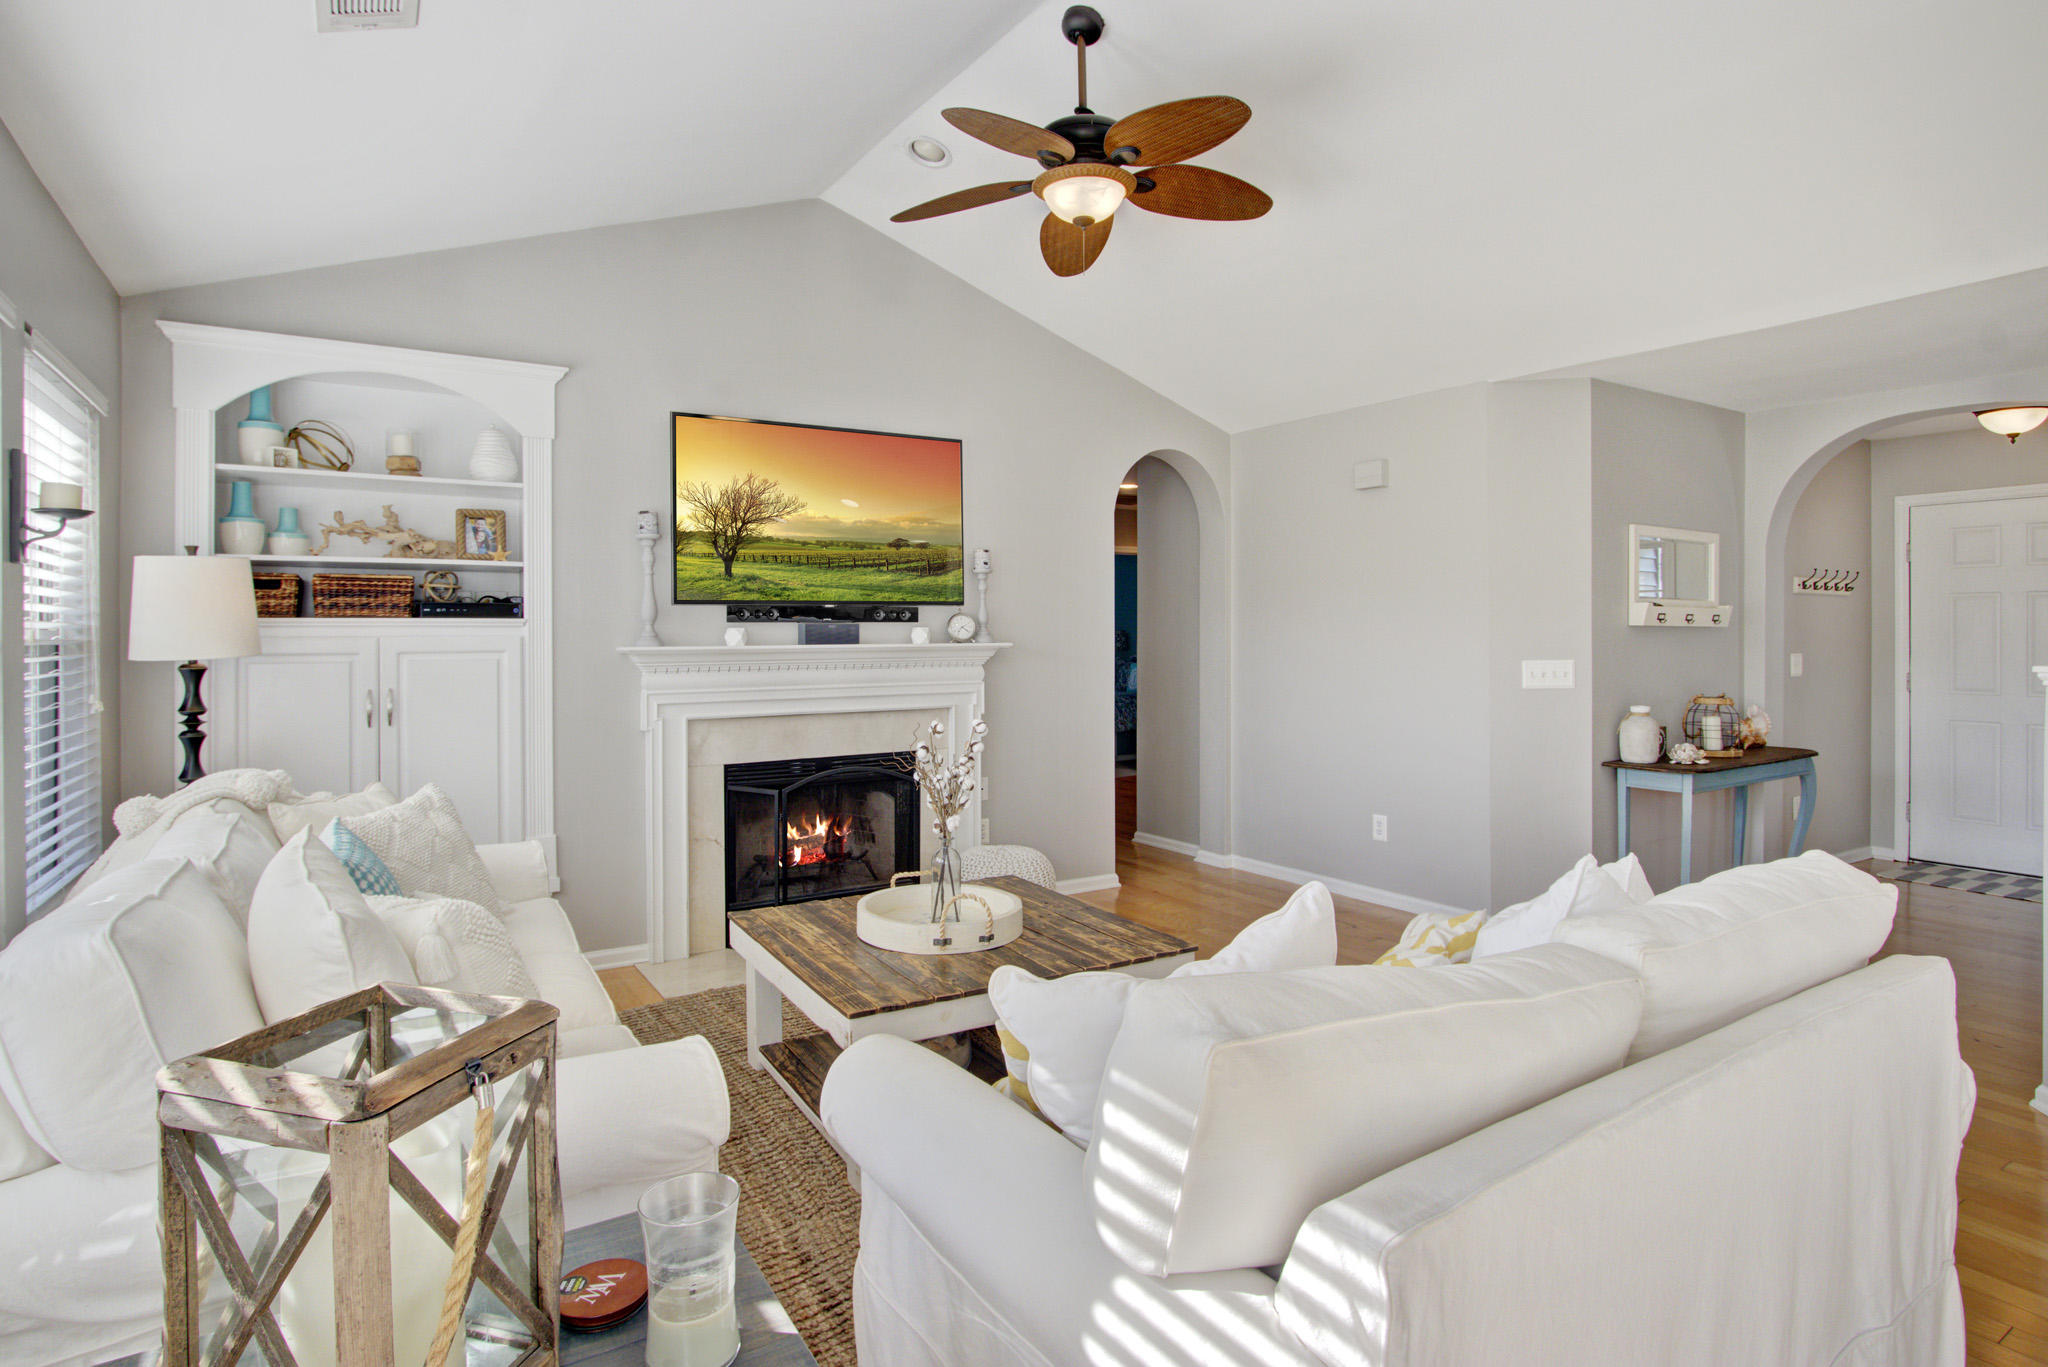 Dunes West Homes For Sale - 1425 Water Oak Cut, Mount Pleasant, SC - 23